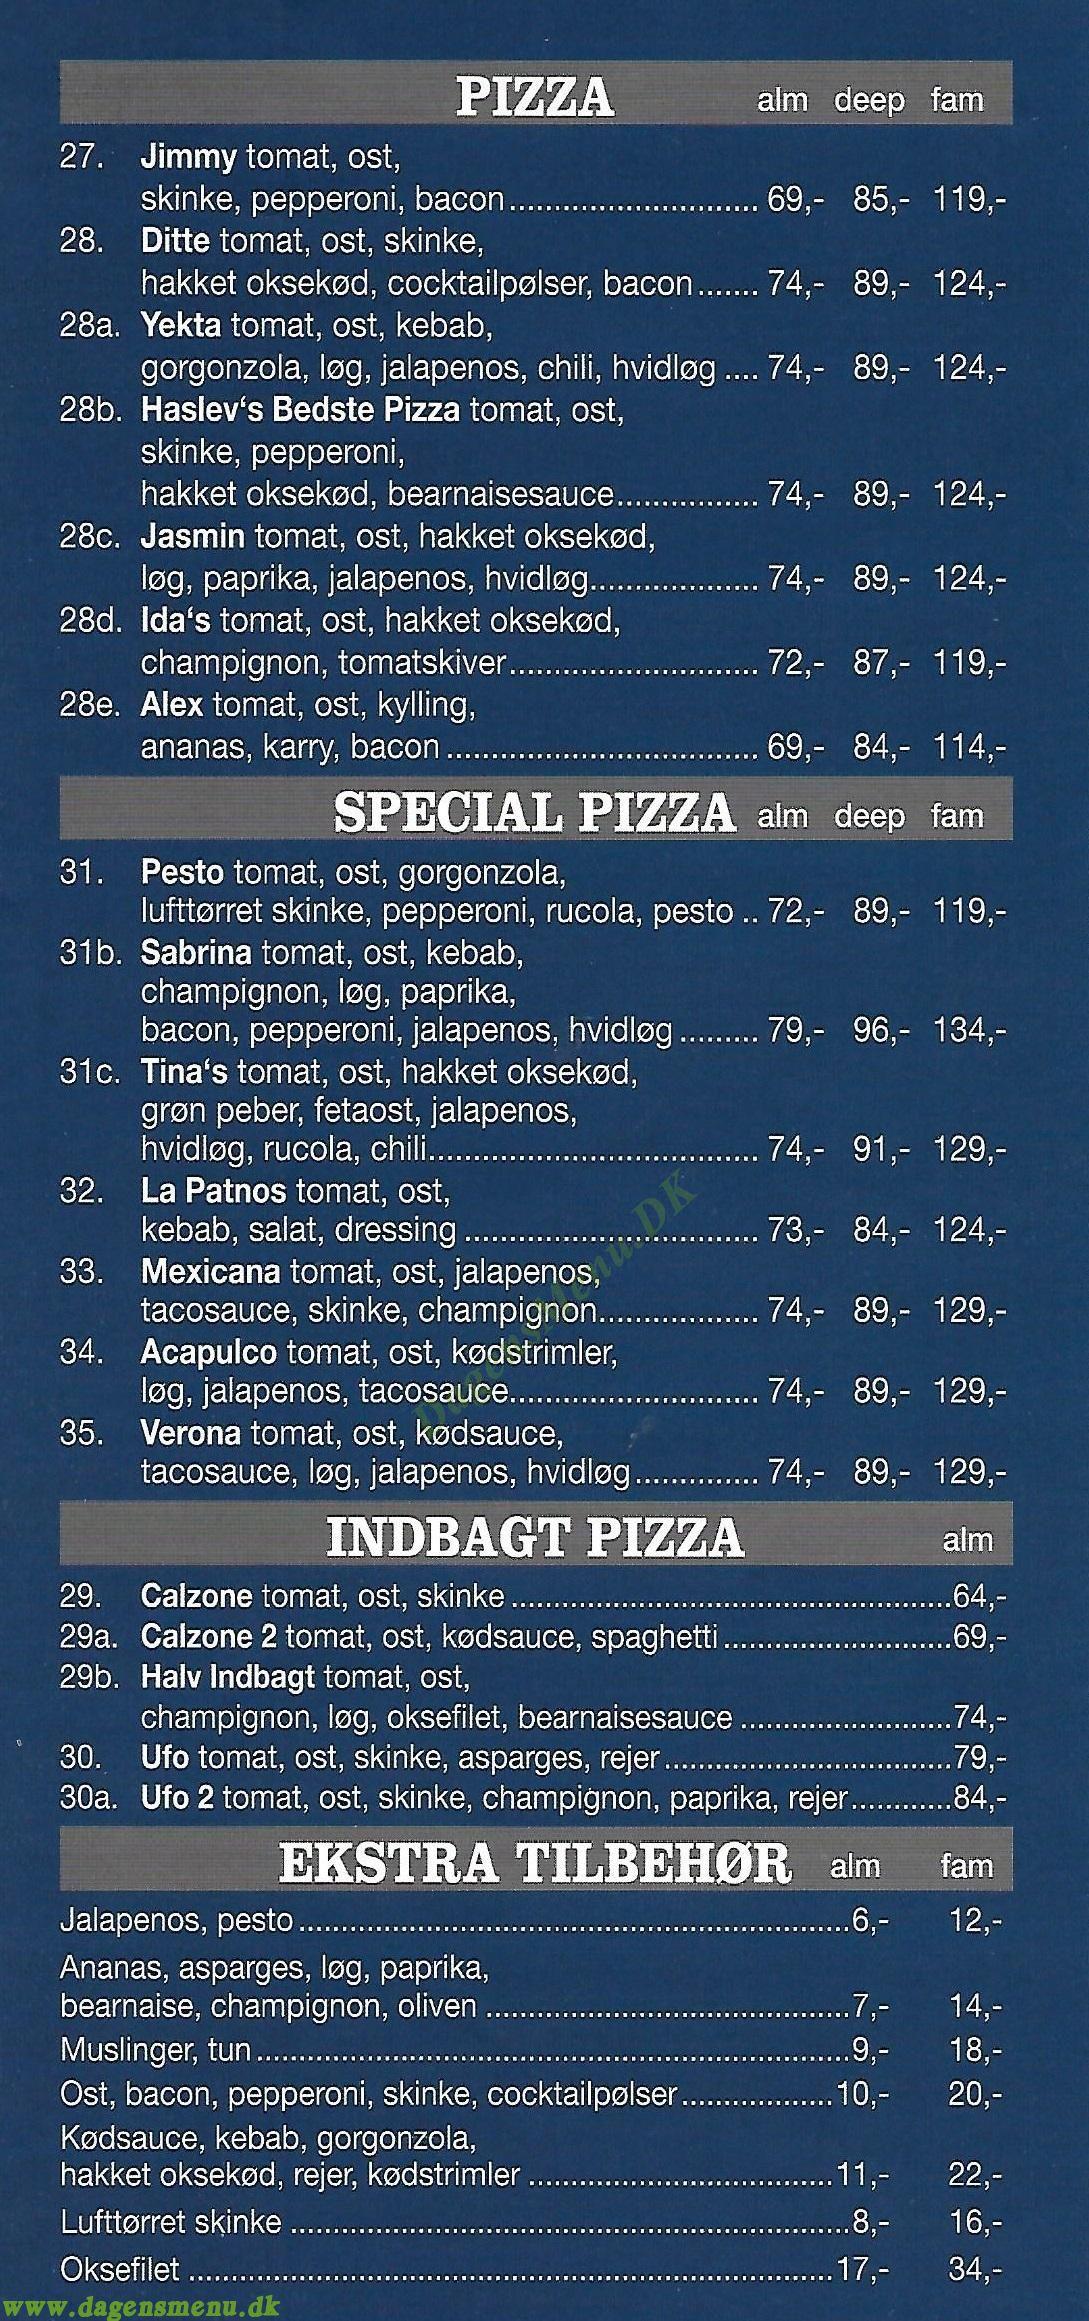 Reys Pizza - Menukort